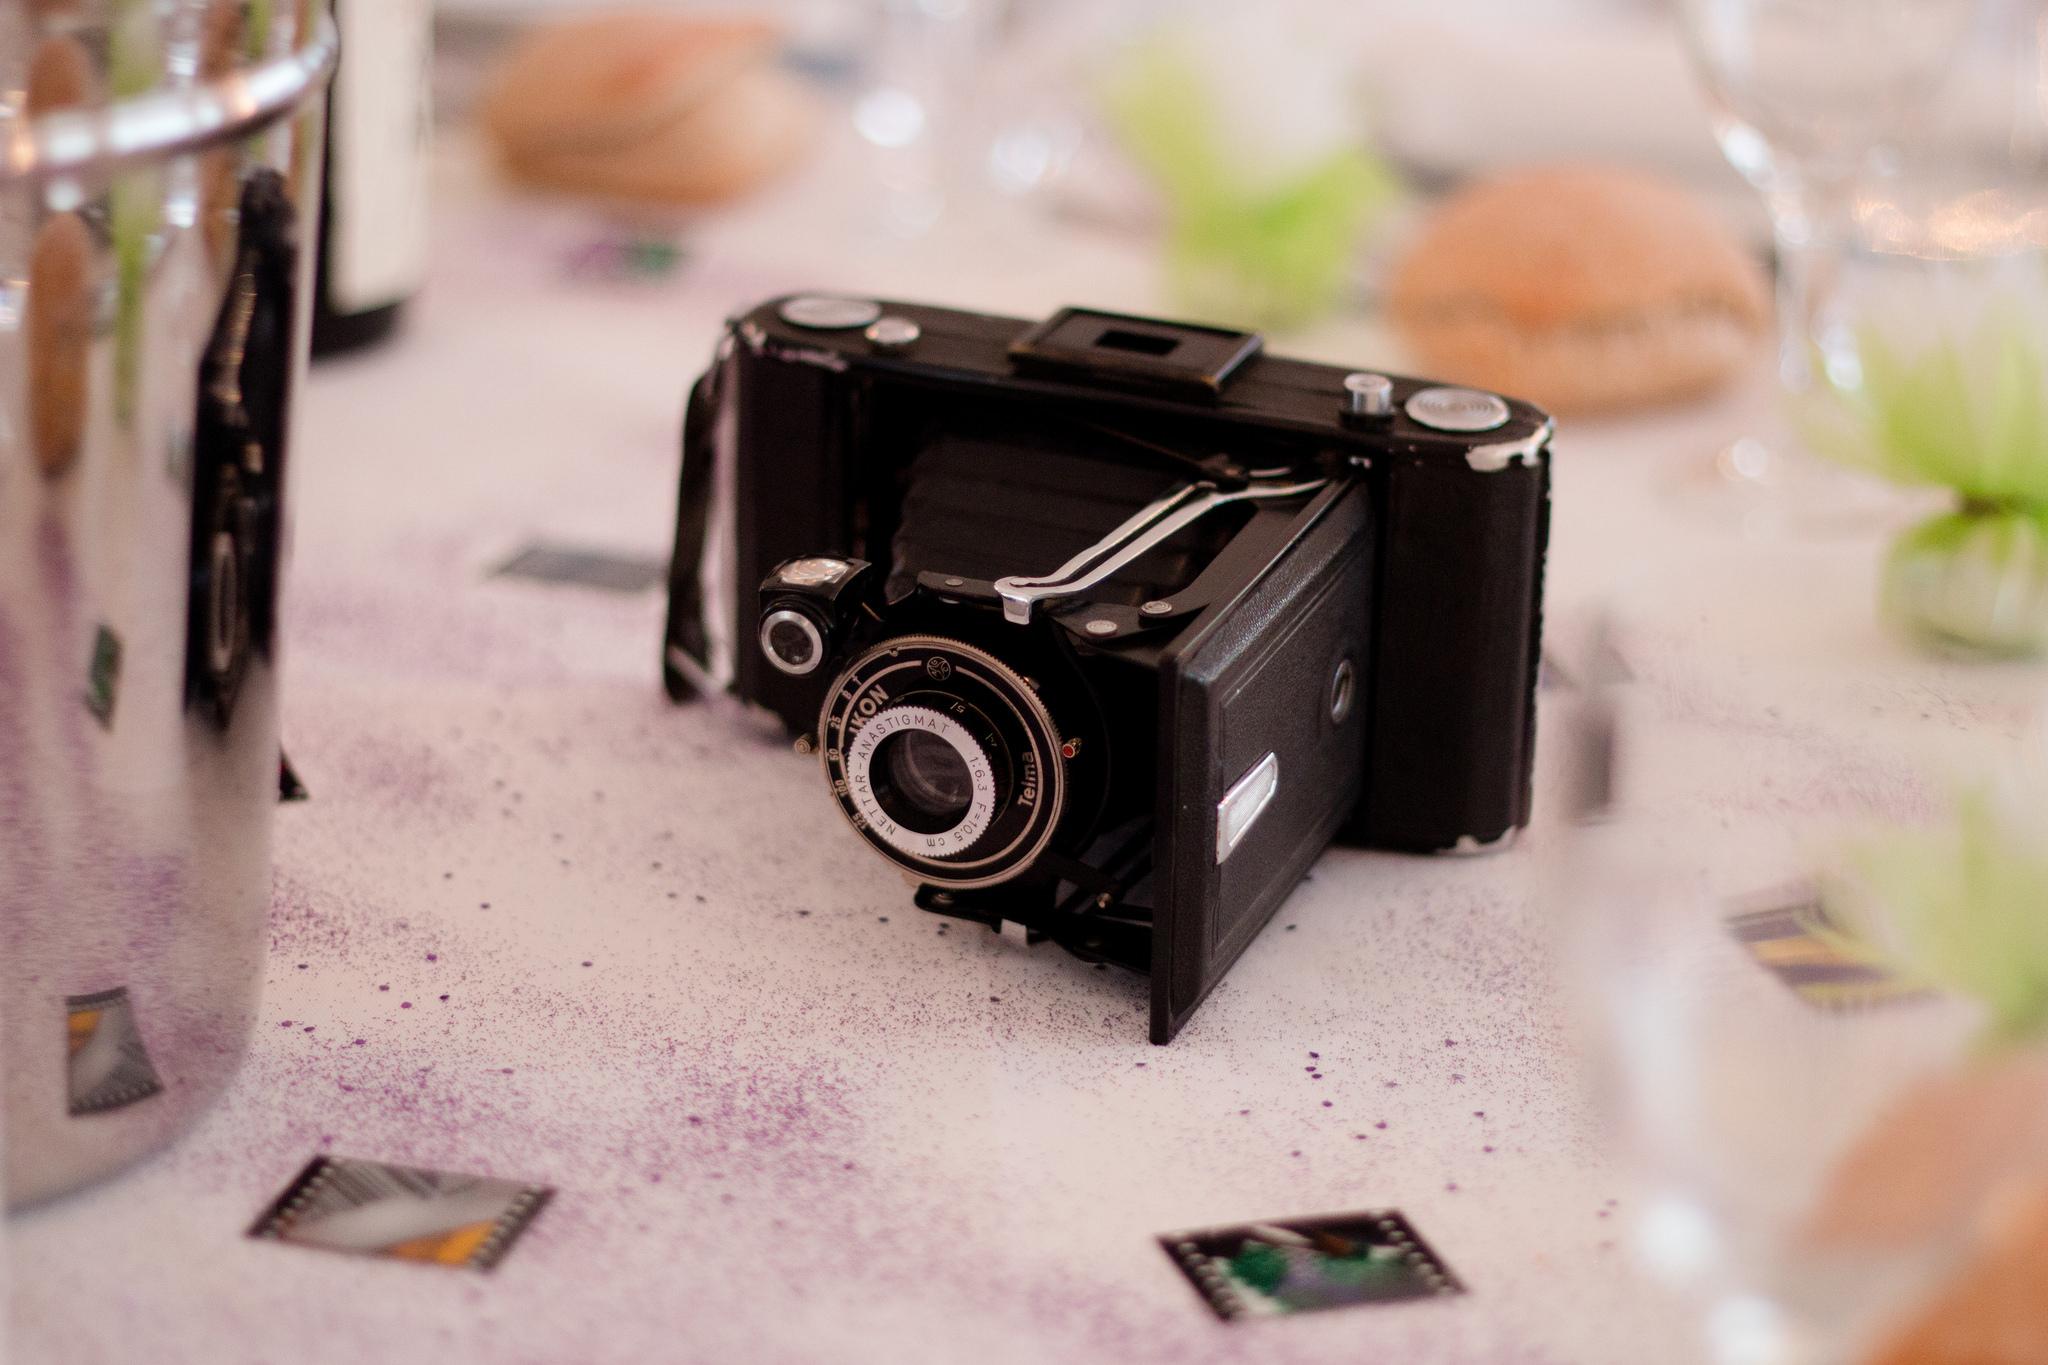 Les meilleurs appareils photo compacts experts de 2018